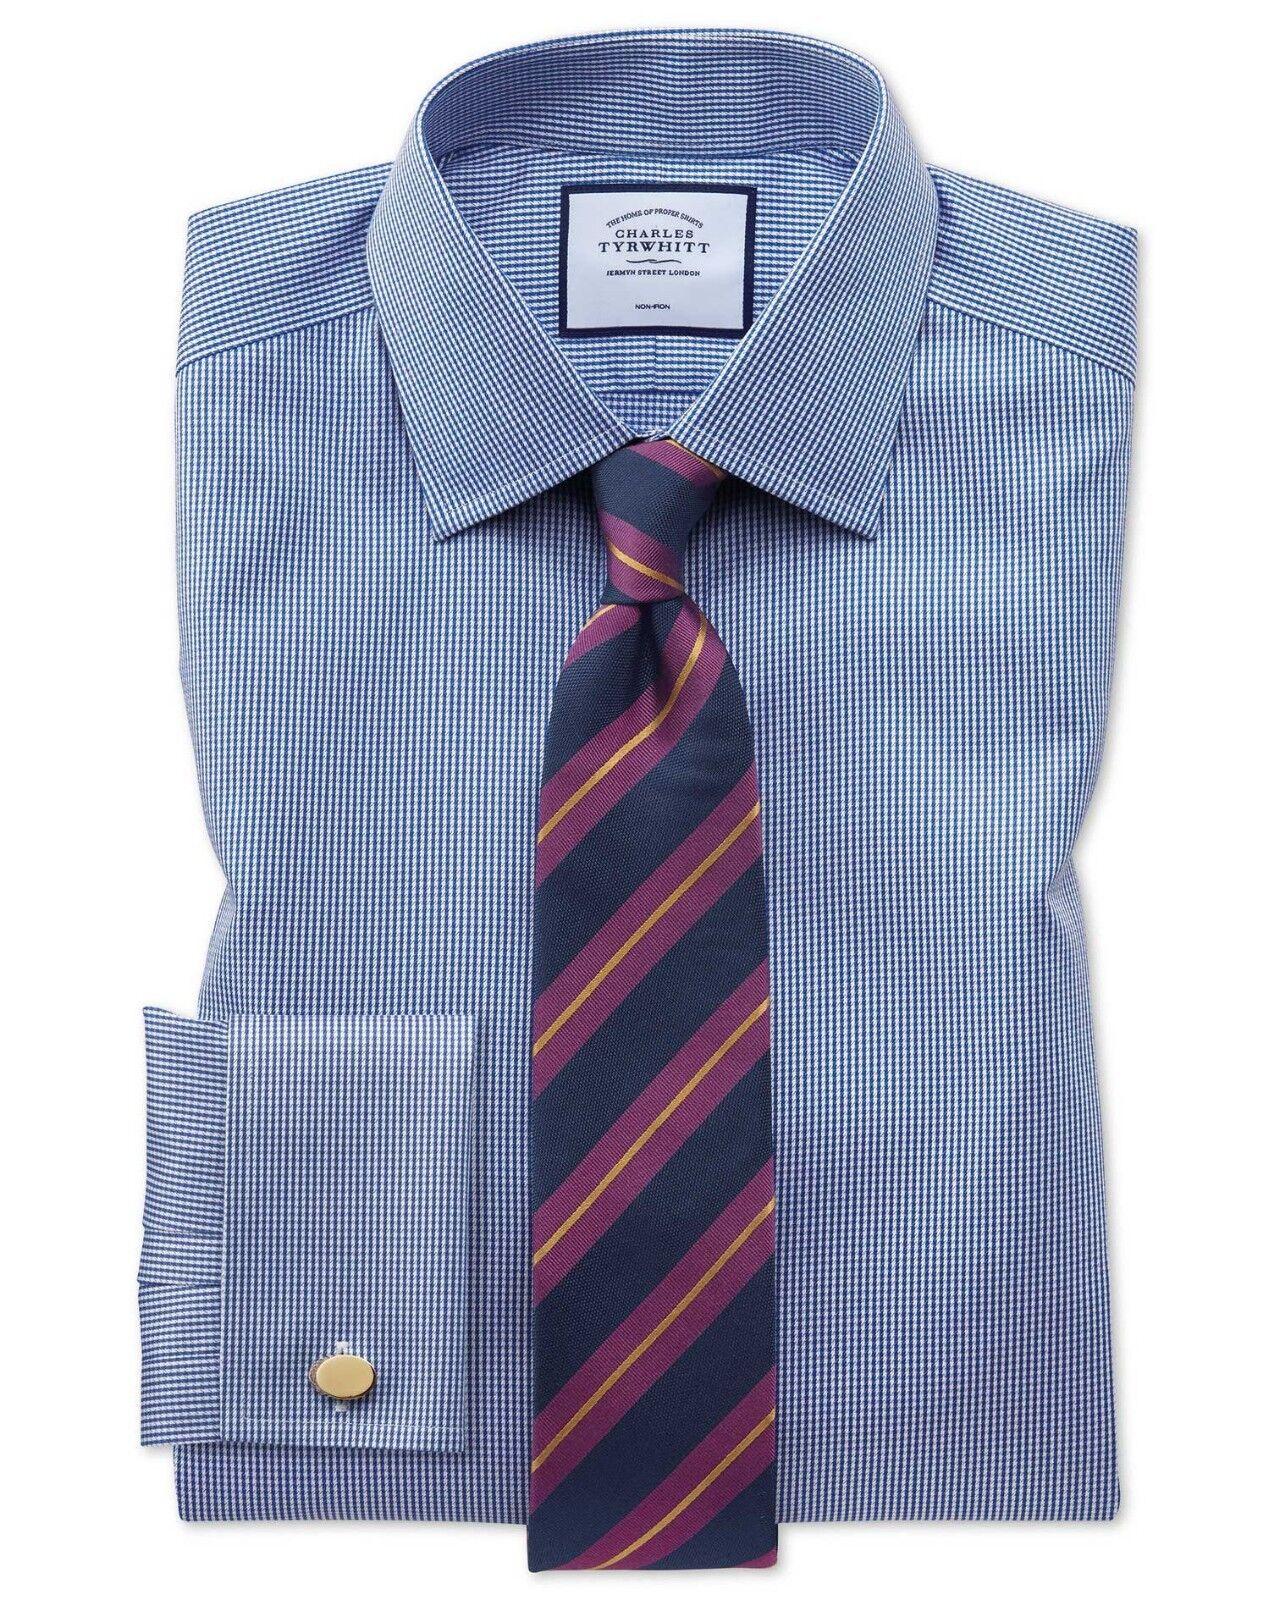 Charles Tyrwhitt Puppytooth Double Manchette Classique Puppytooth Tyrwhitt shirt 16.5